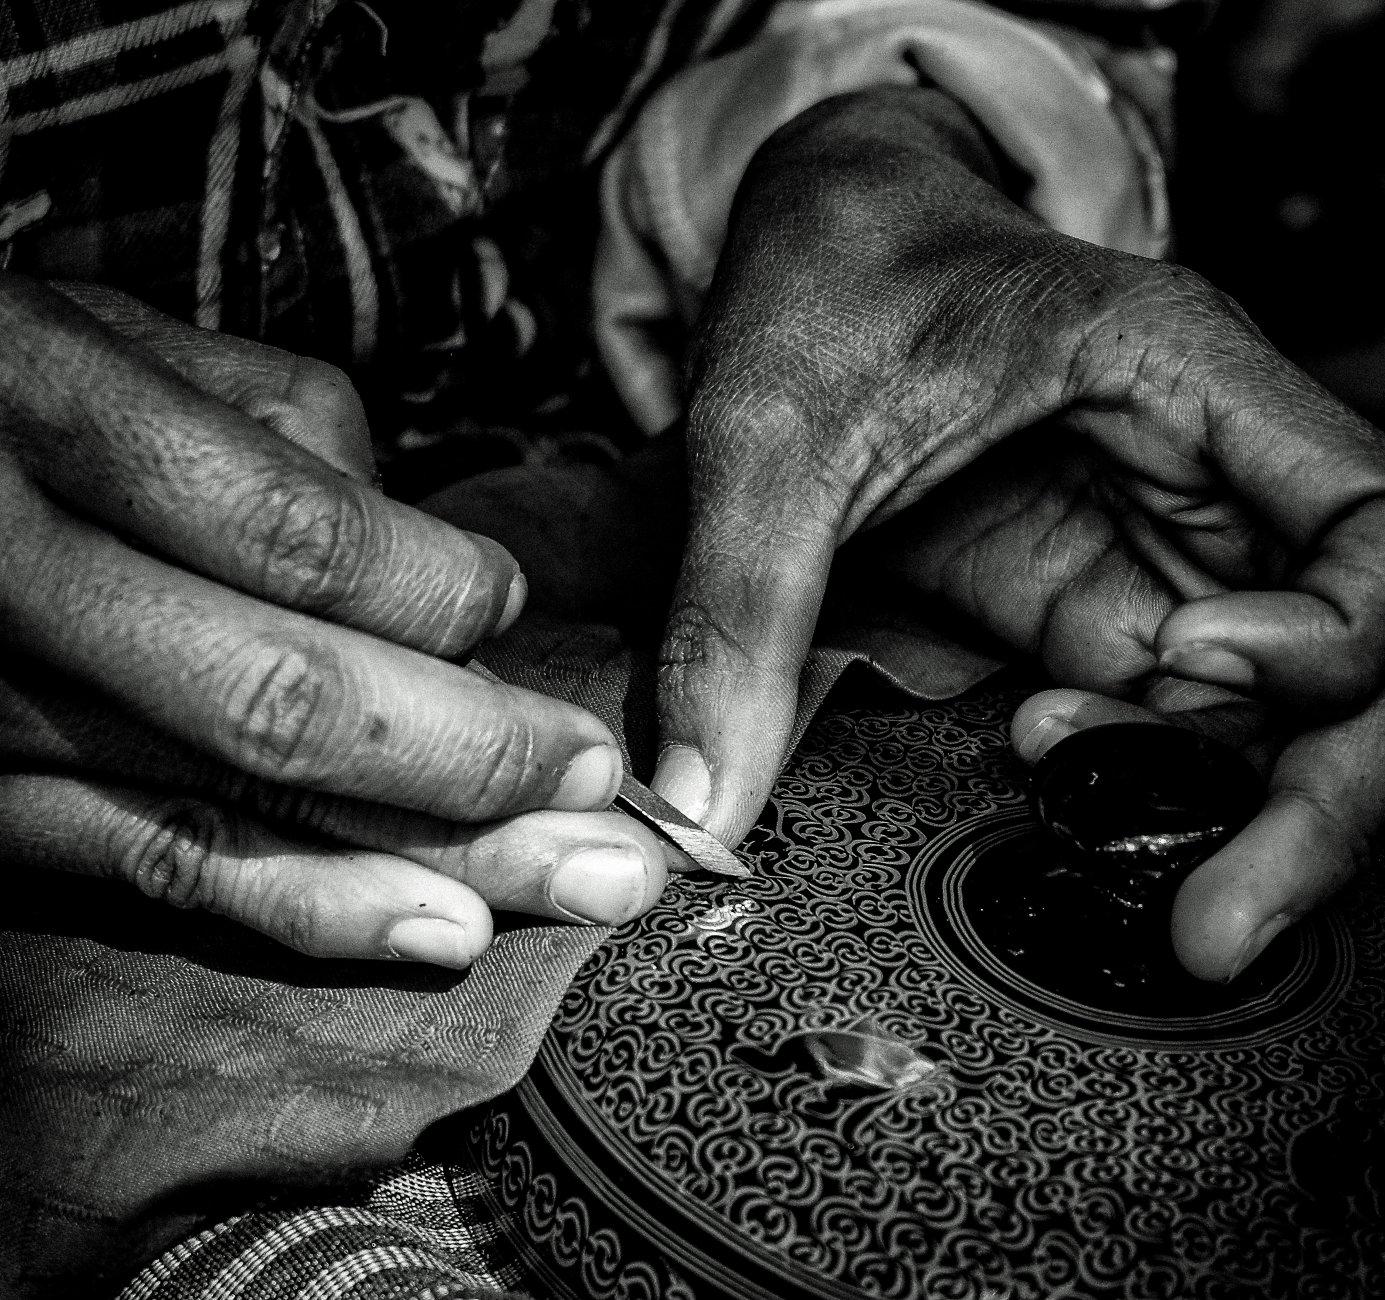 Skilled Hands